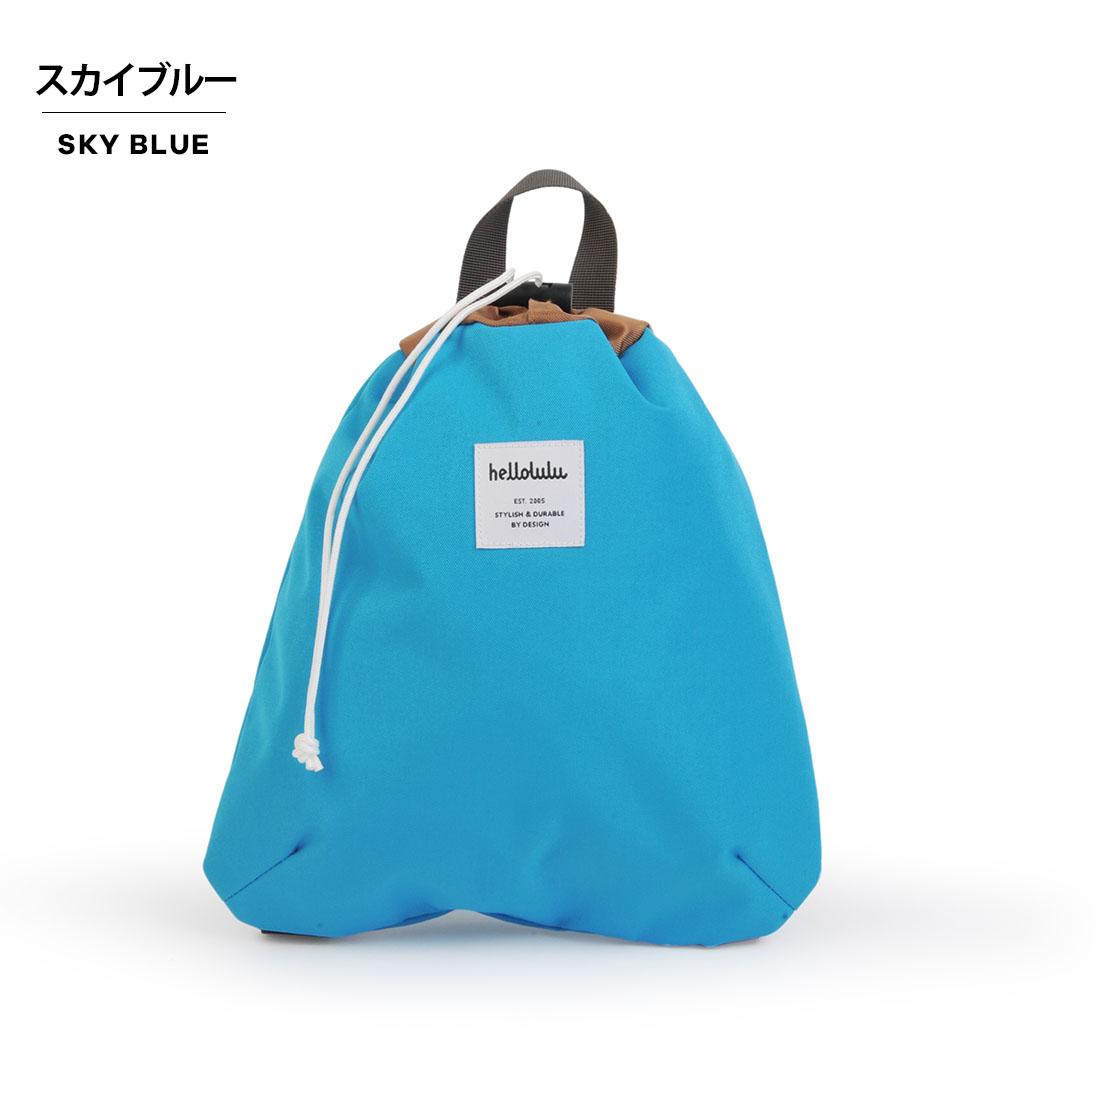 Hellolulu[ハロルル]Simple Day Pack PIPER (キッズ)デイバック【メール便可】リュック